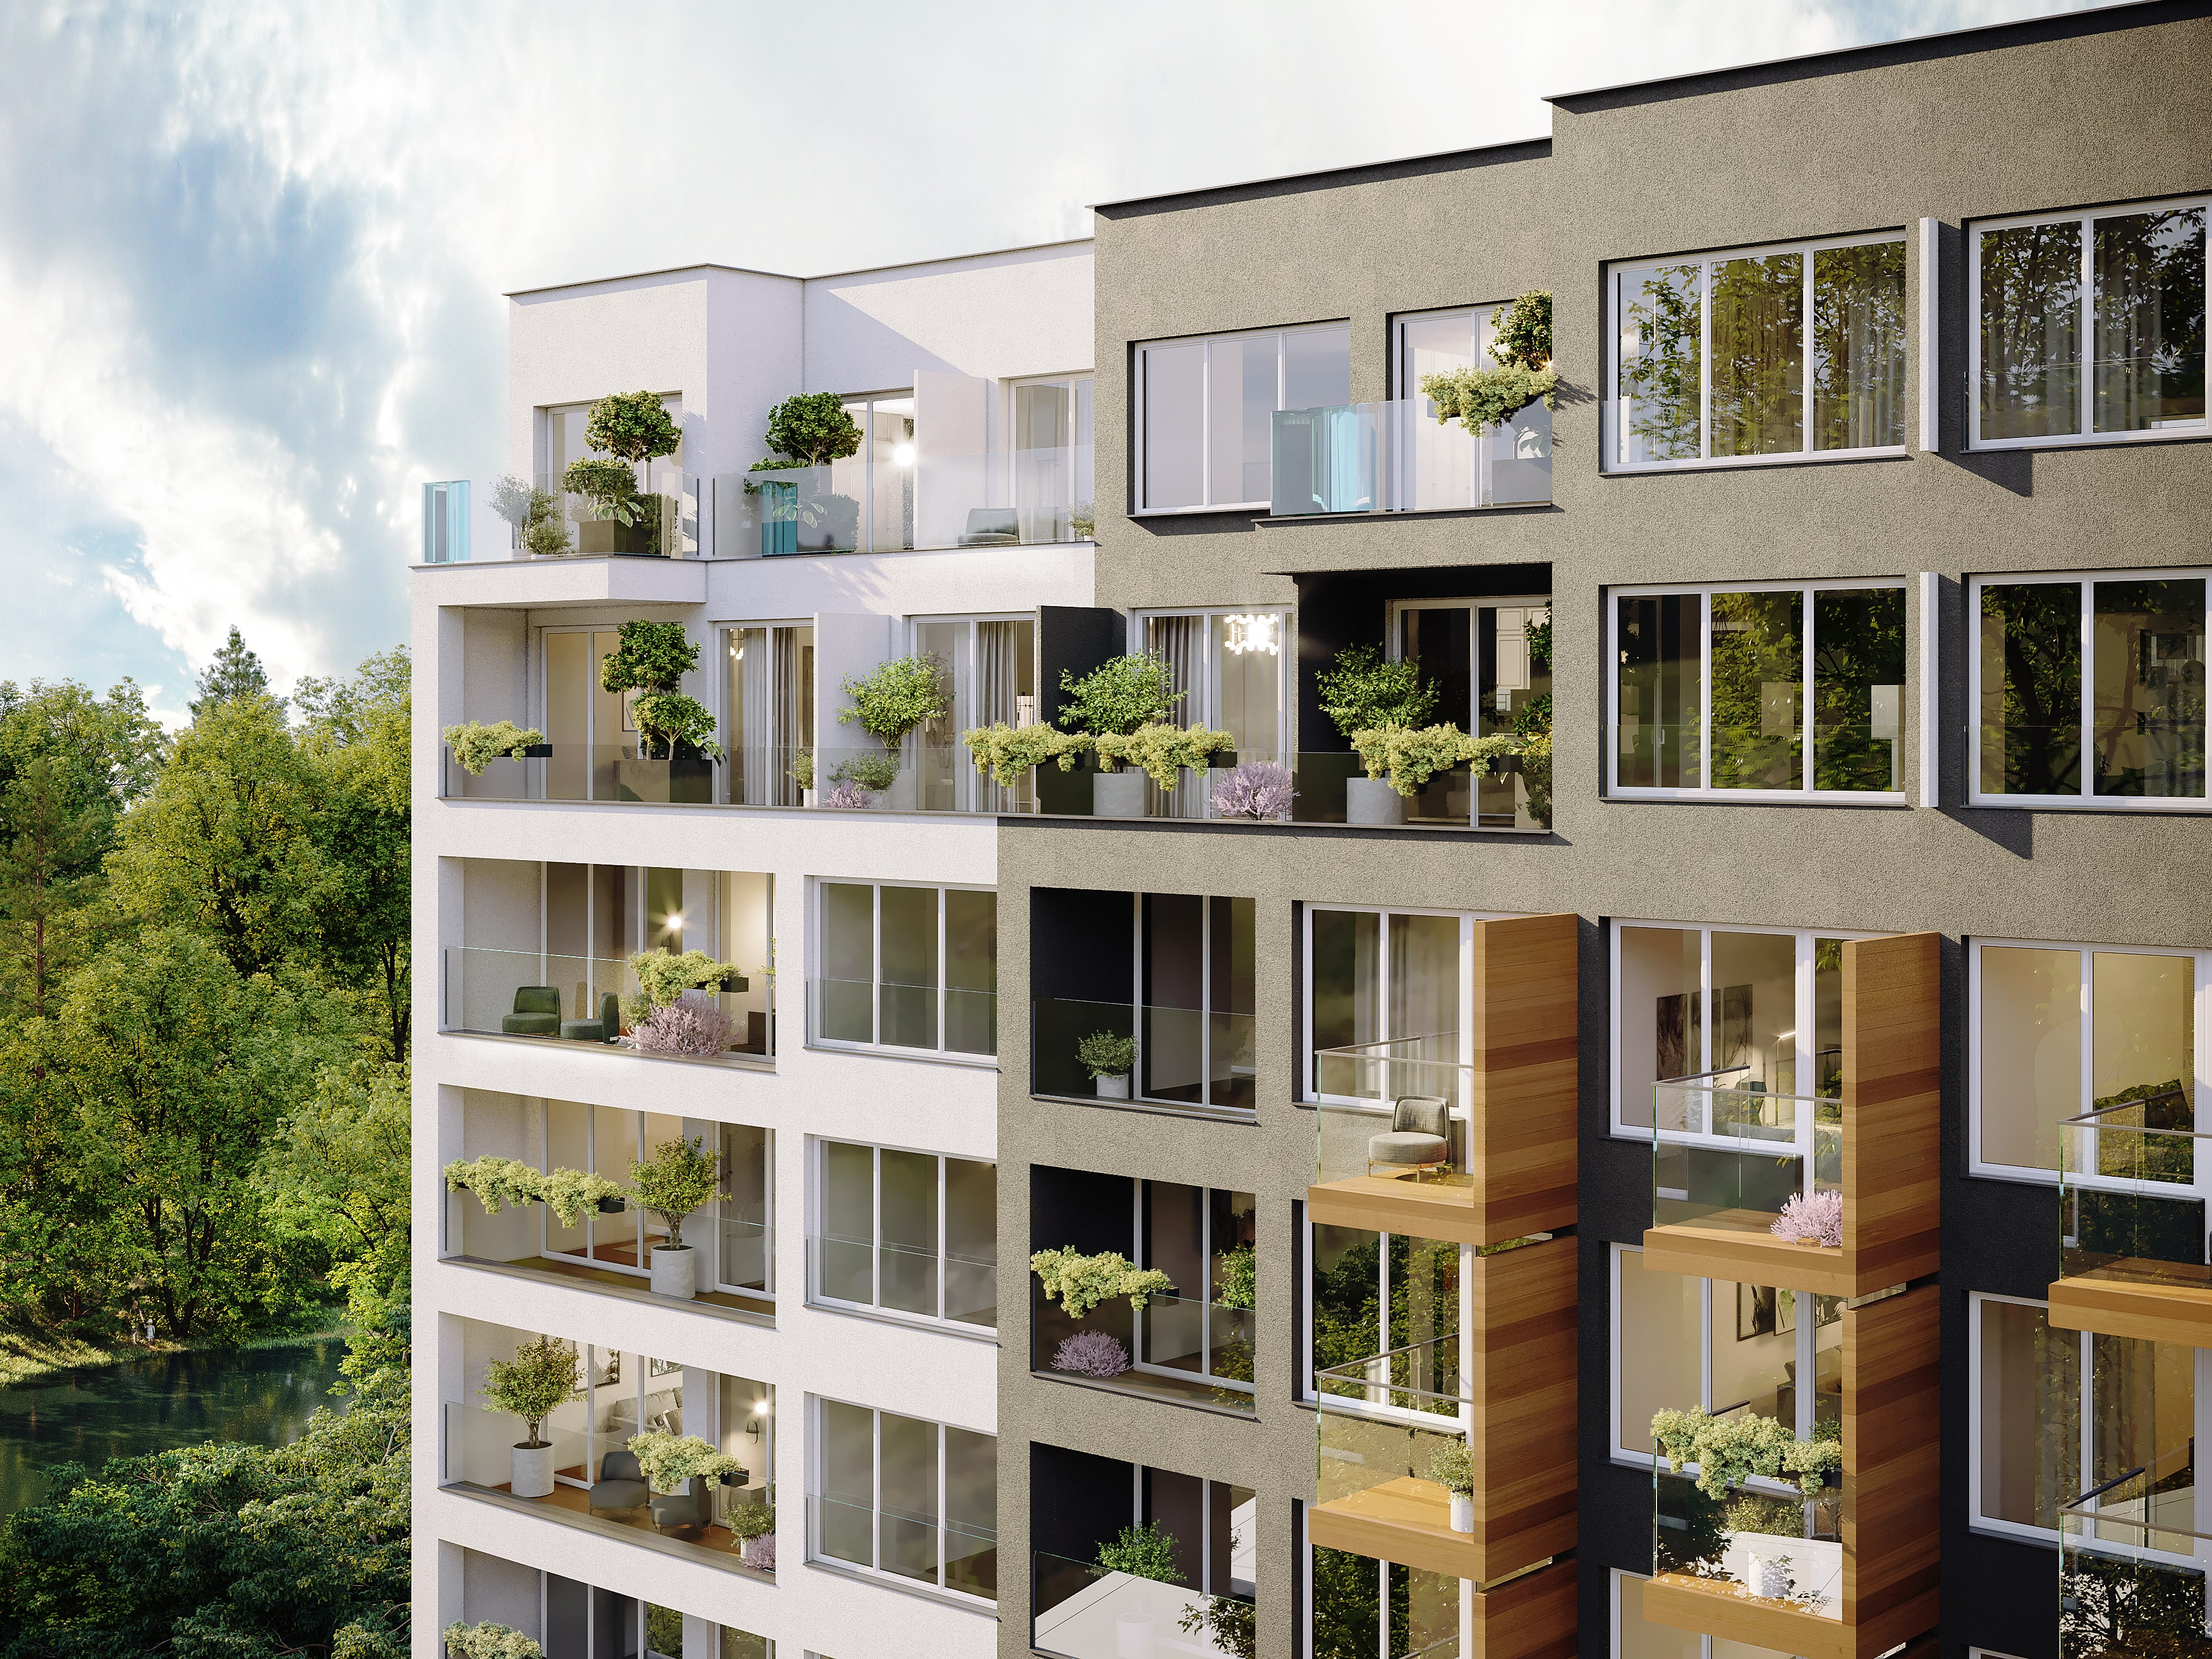 Moderní byty s francouzskými okny. Novostavba View Spořilov Praha 4 - Záběhlice. Developer GARTAL